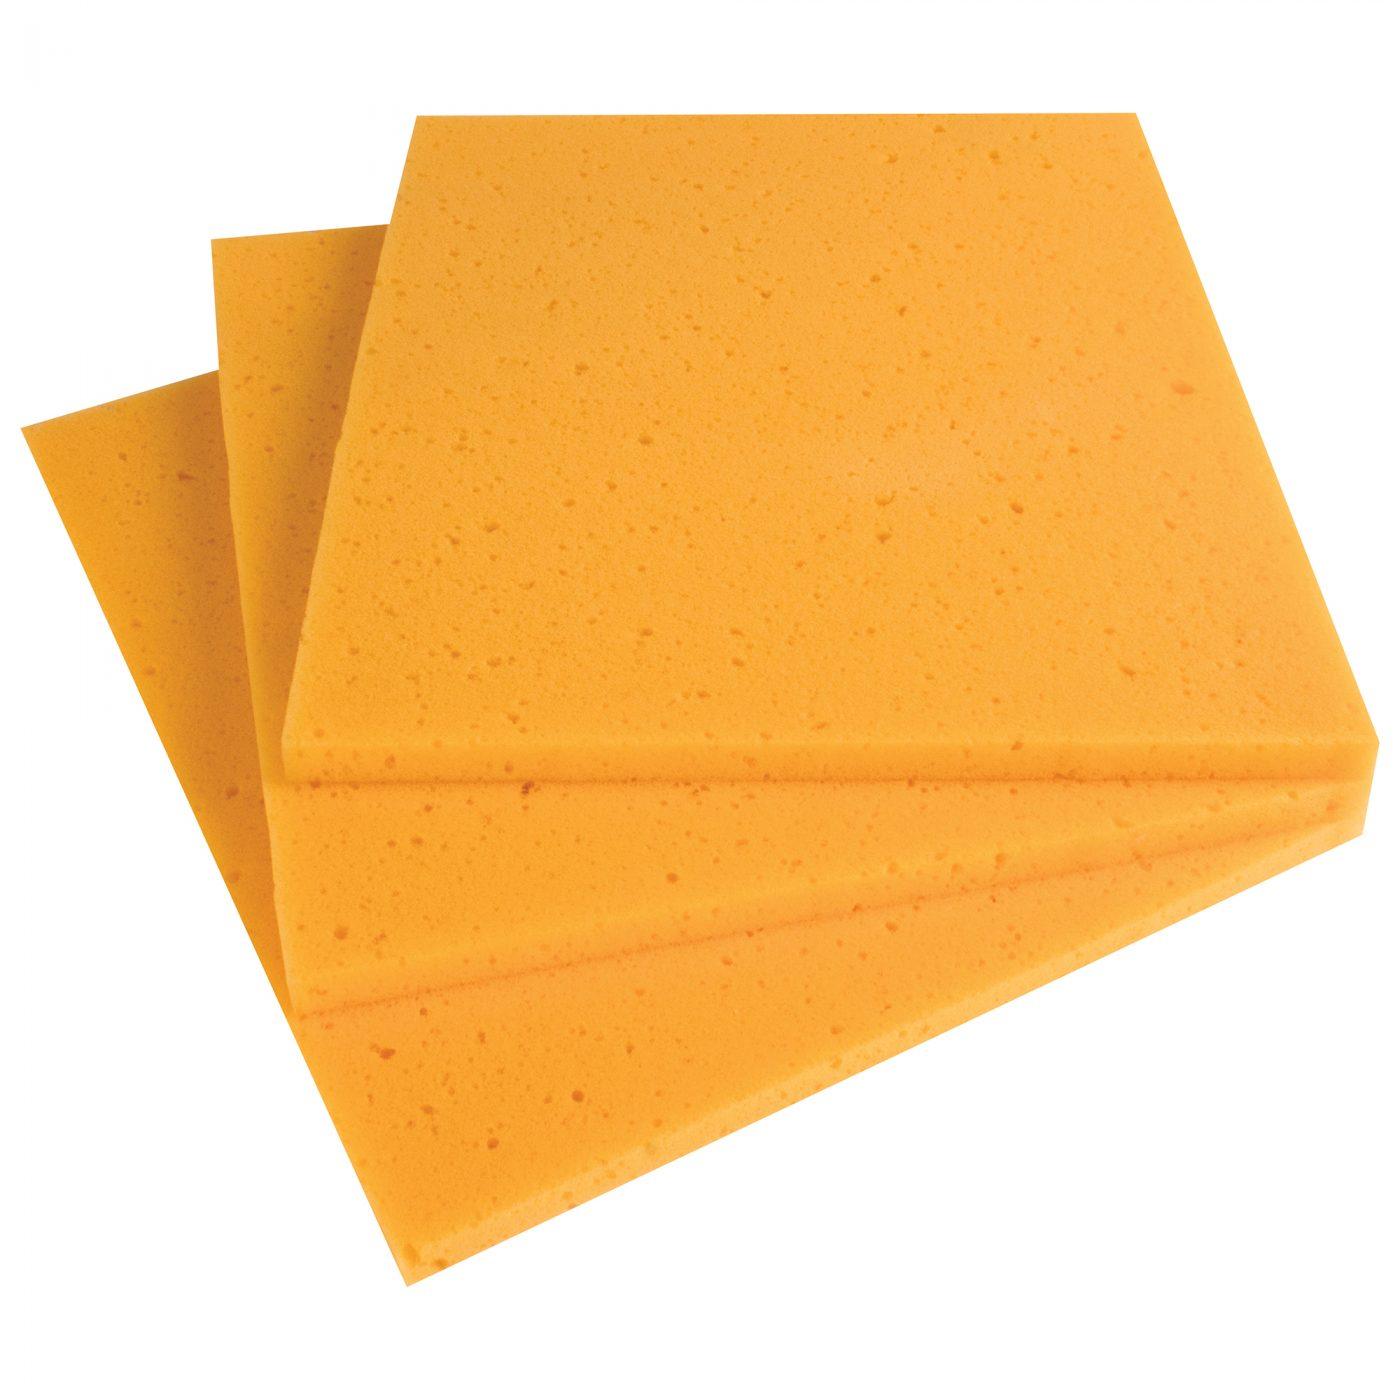 Sponge Sheets